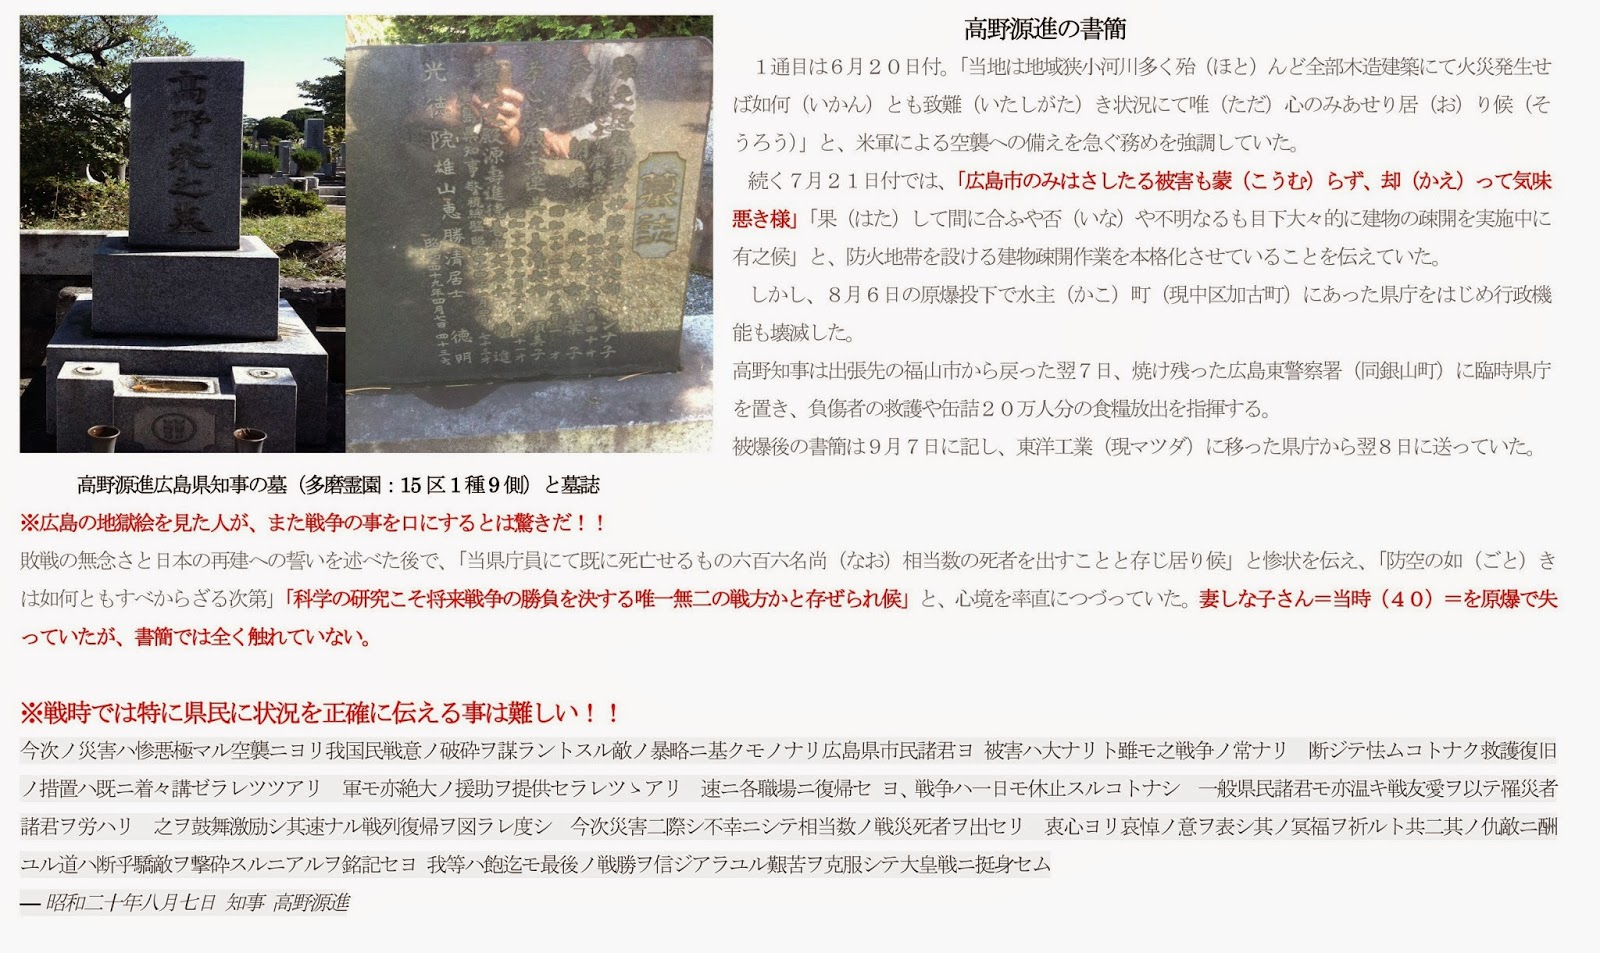 2014年10月: 731からフクシマま...